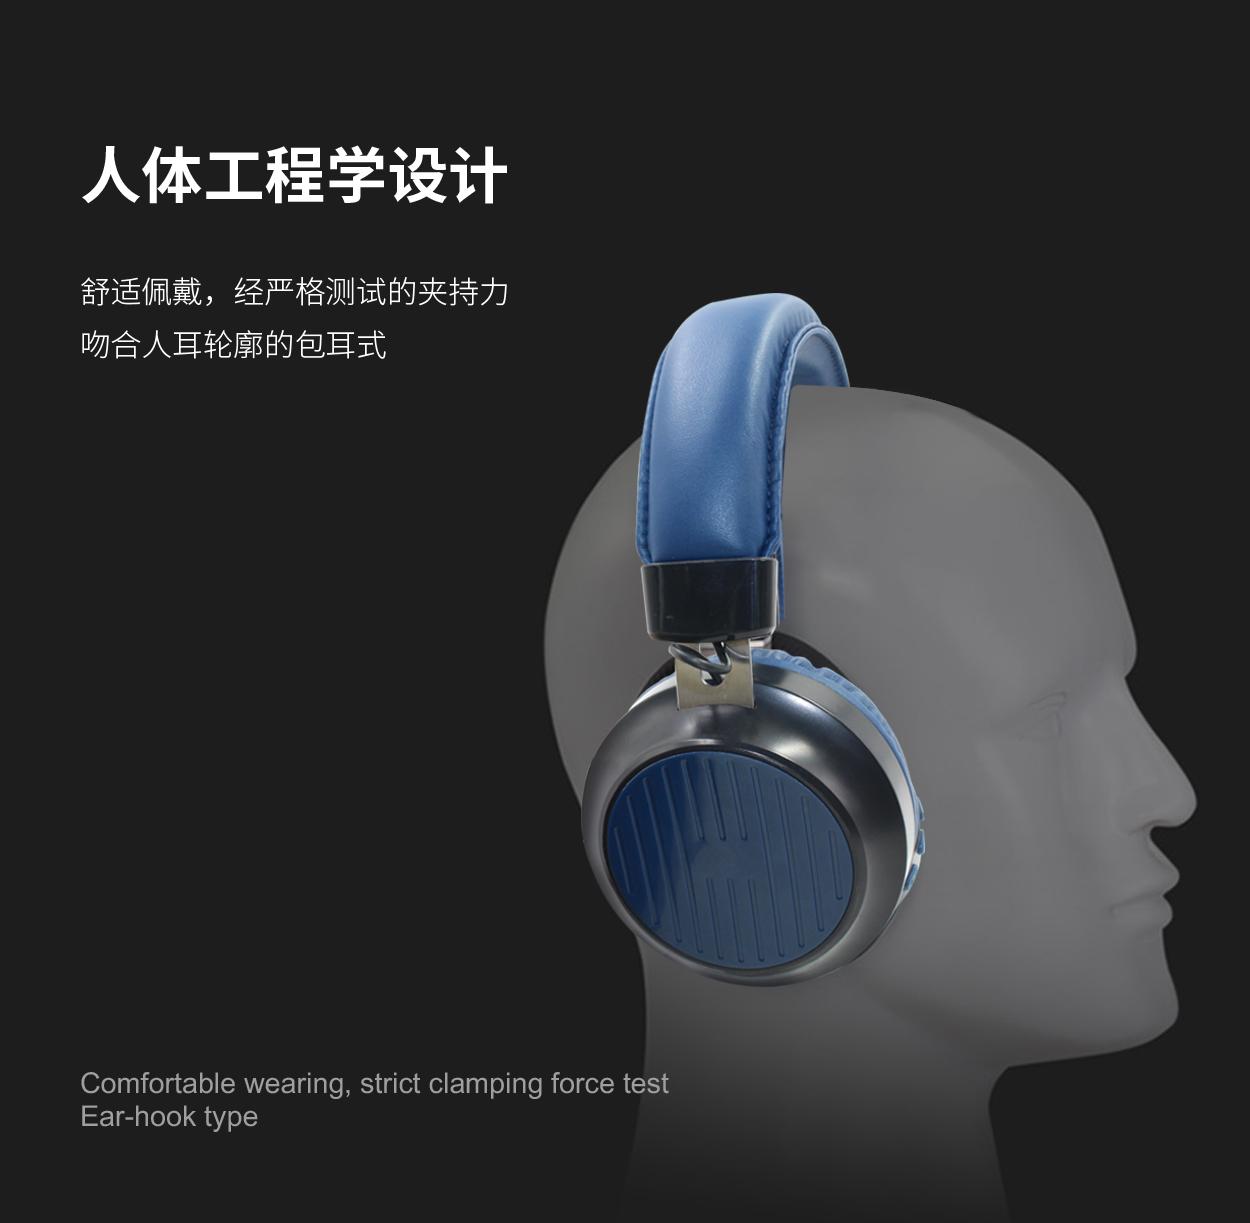 头戴式蓝牙无线耳机